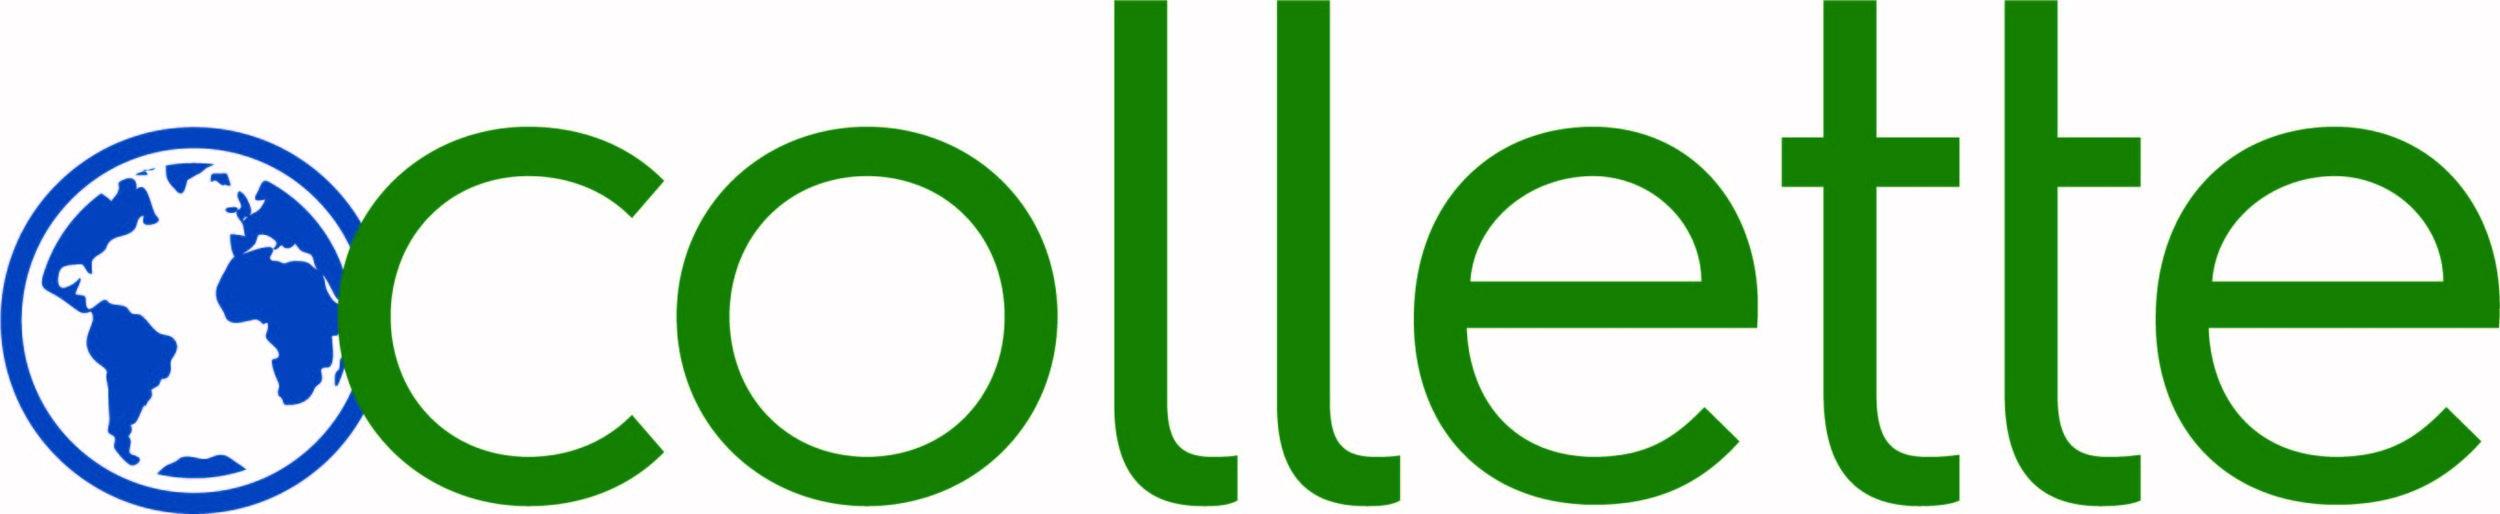 Collette_logo2019.jpg